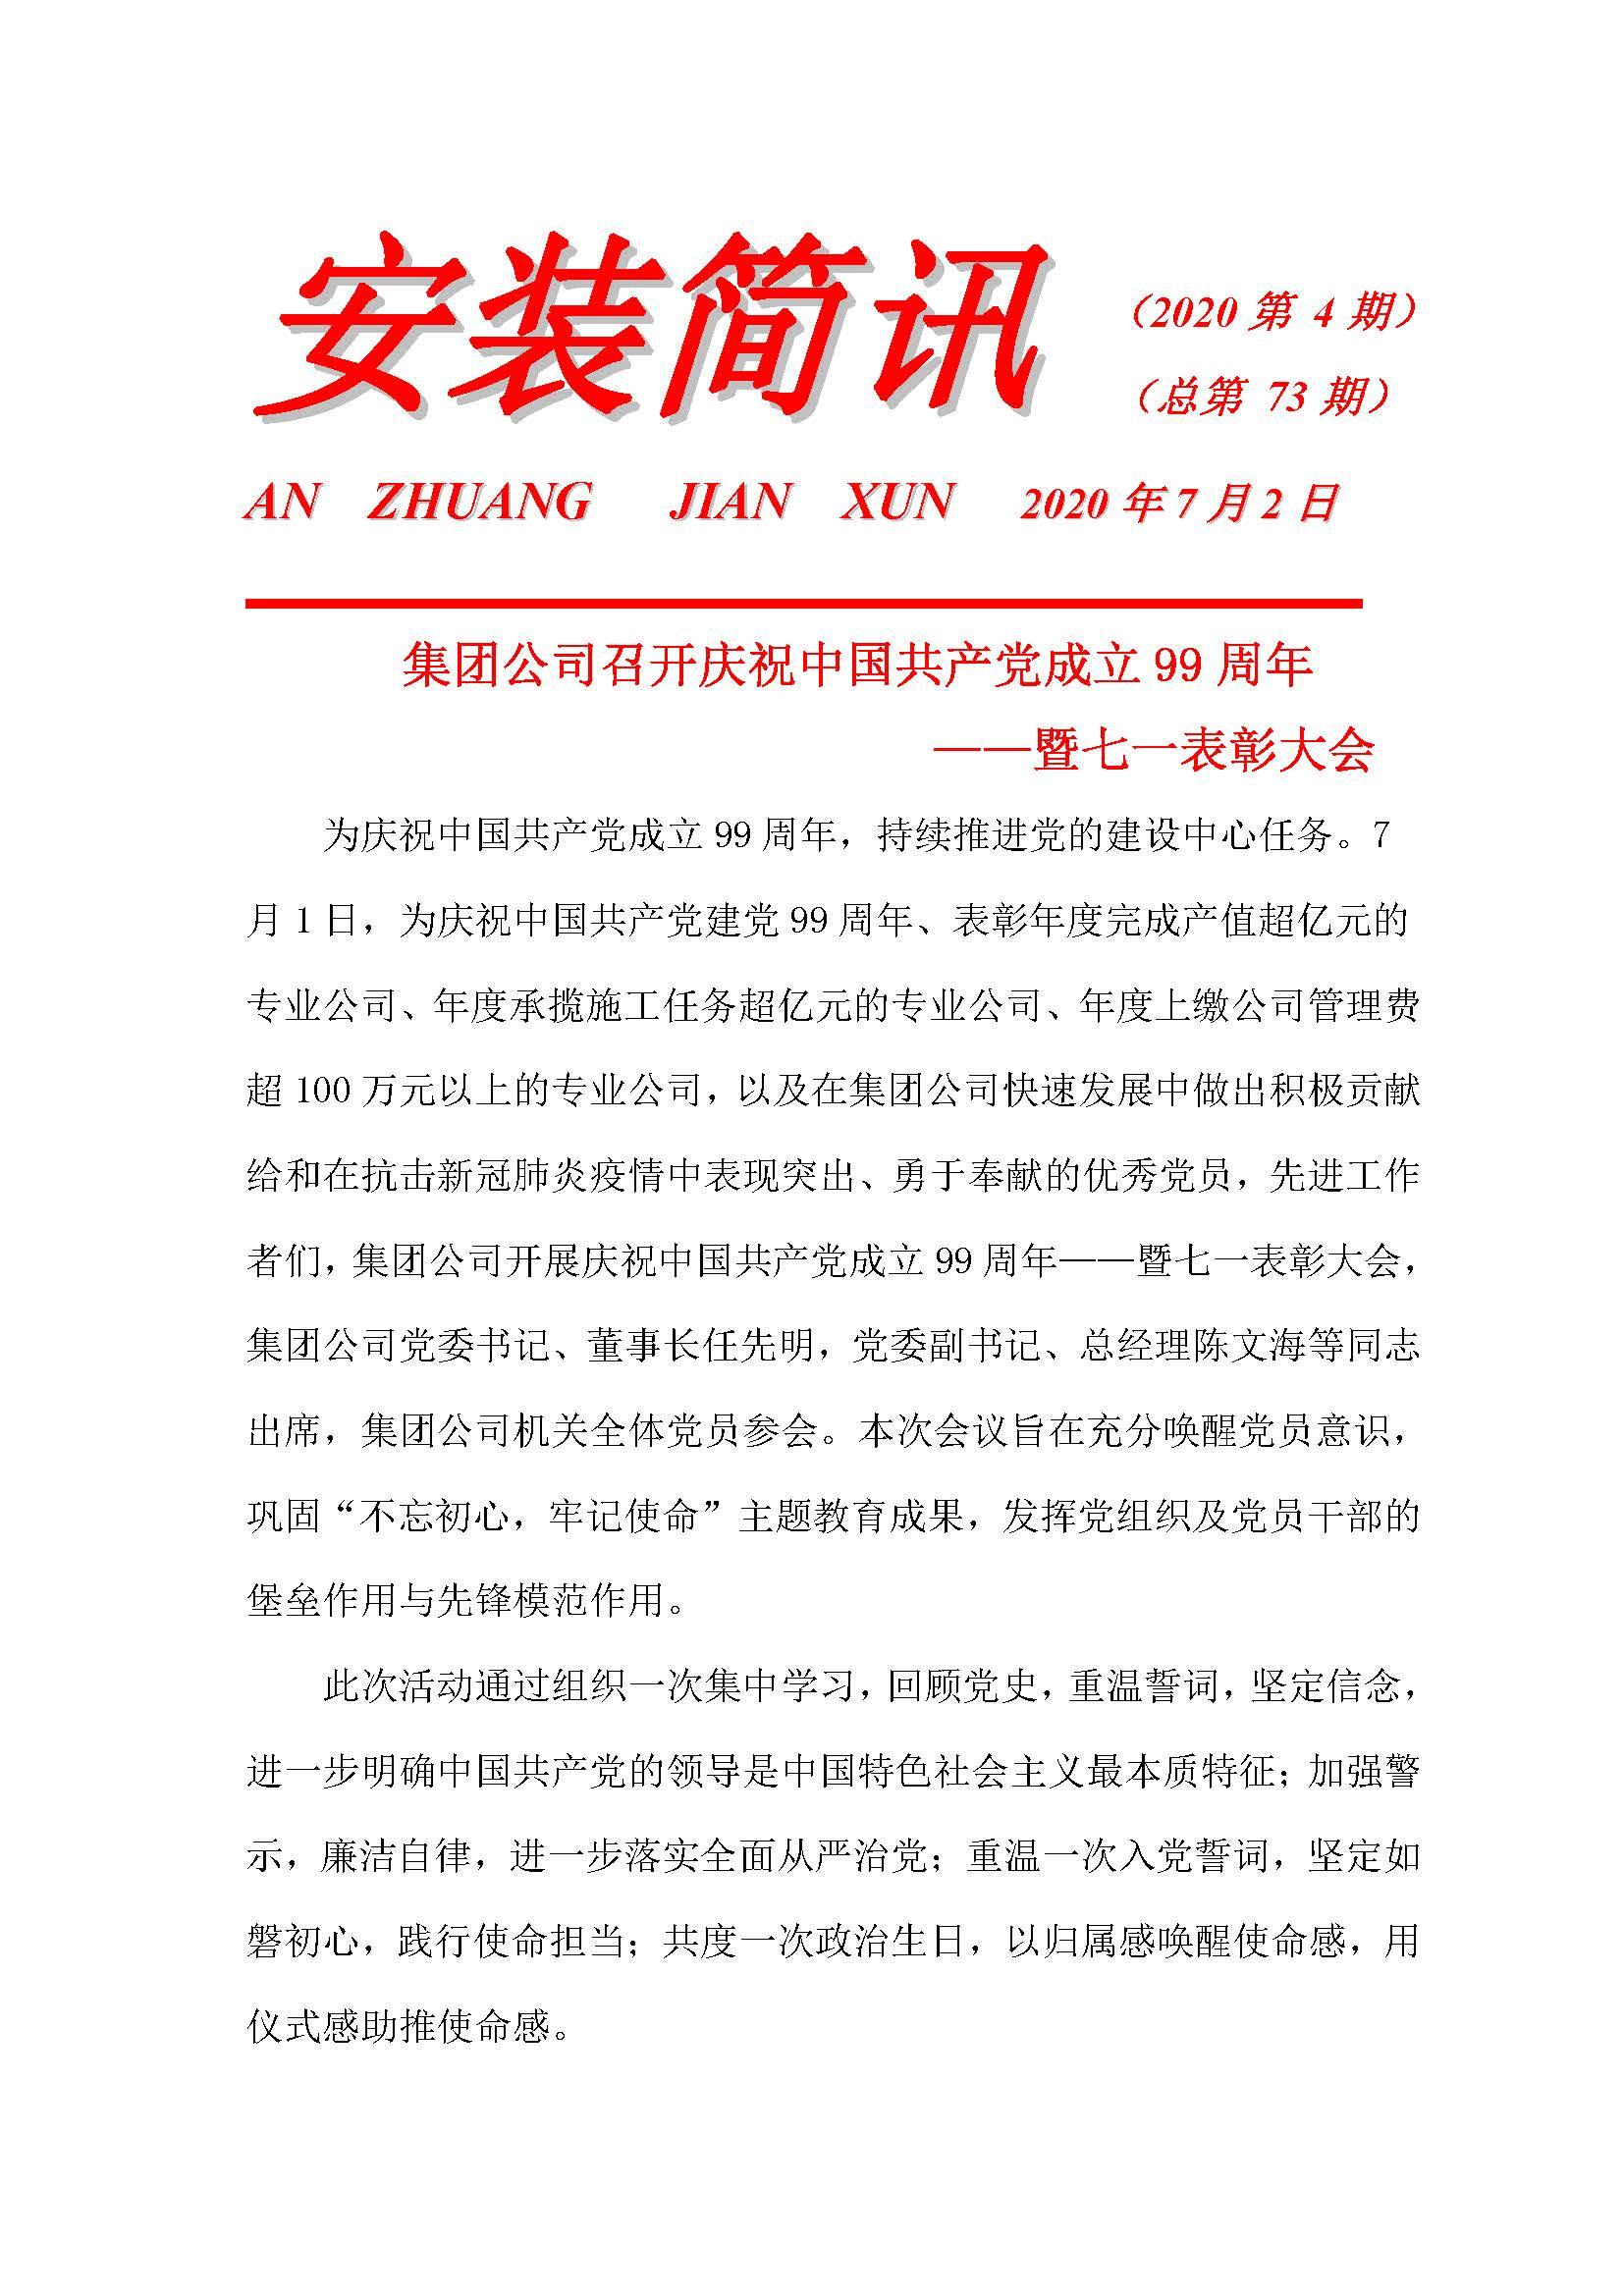 2020年安装上海快三走势图表第4期(图1)